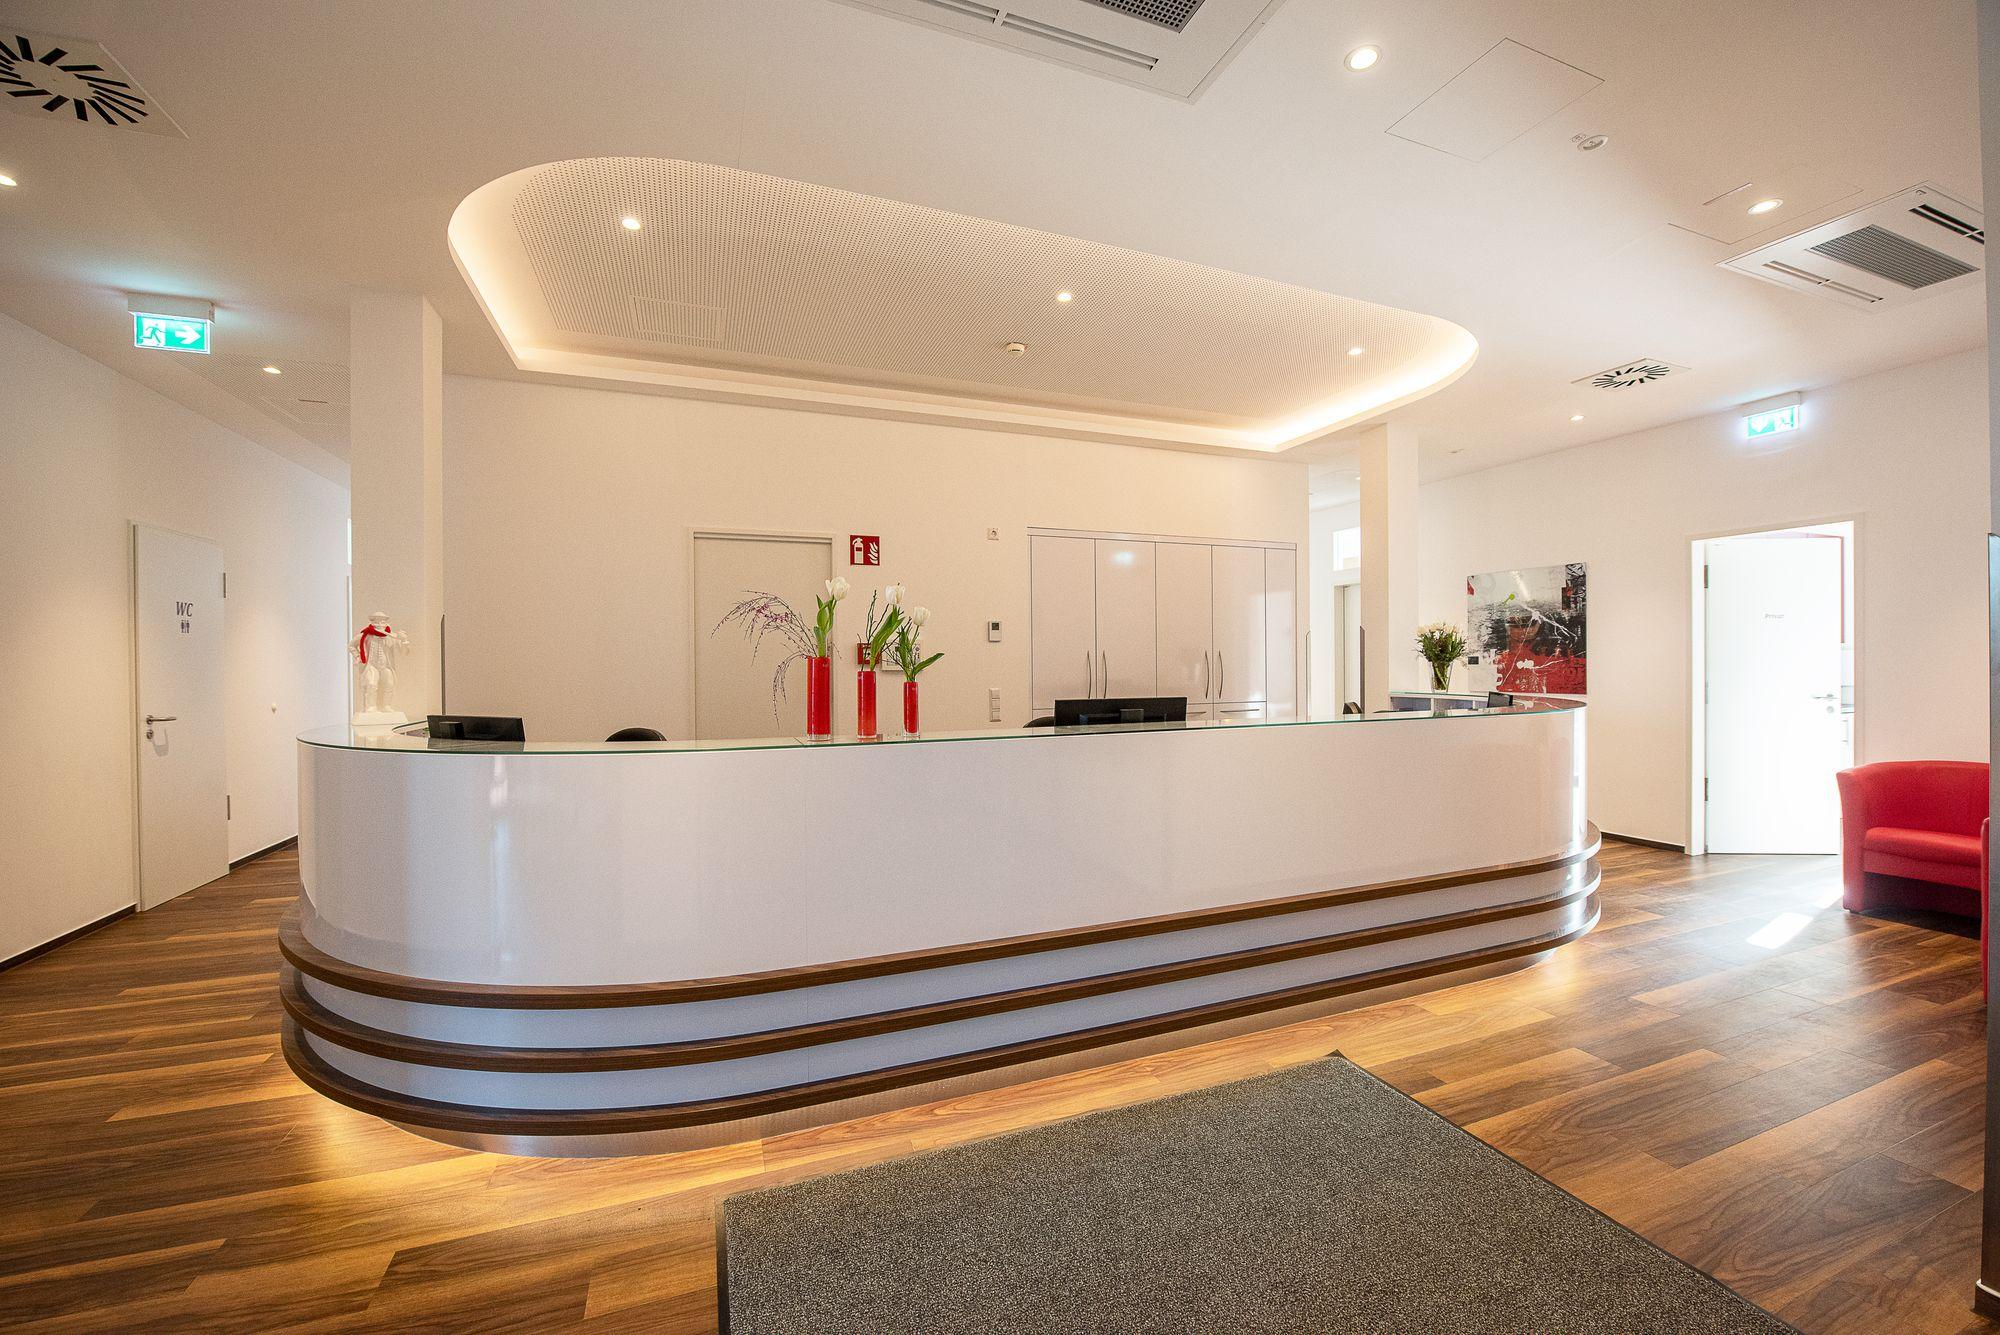 Praxis für Orthopädie, Arthroskopie & Unfallchirurgie in Bielefeld